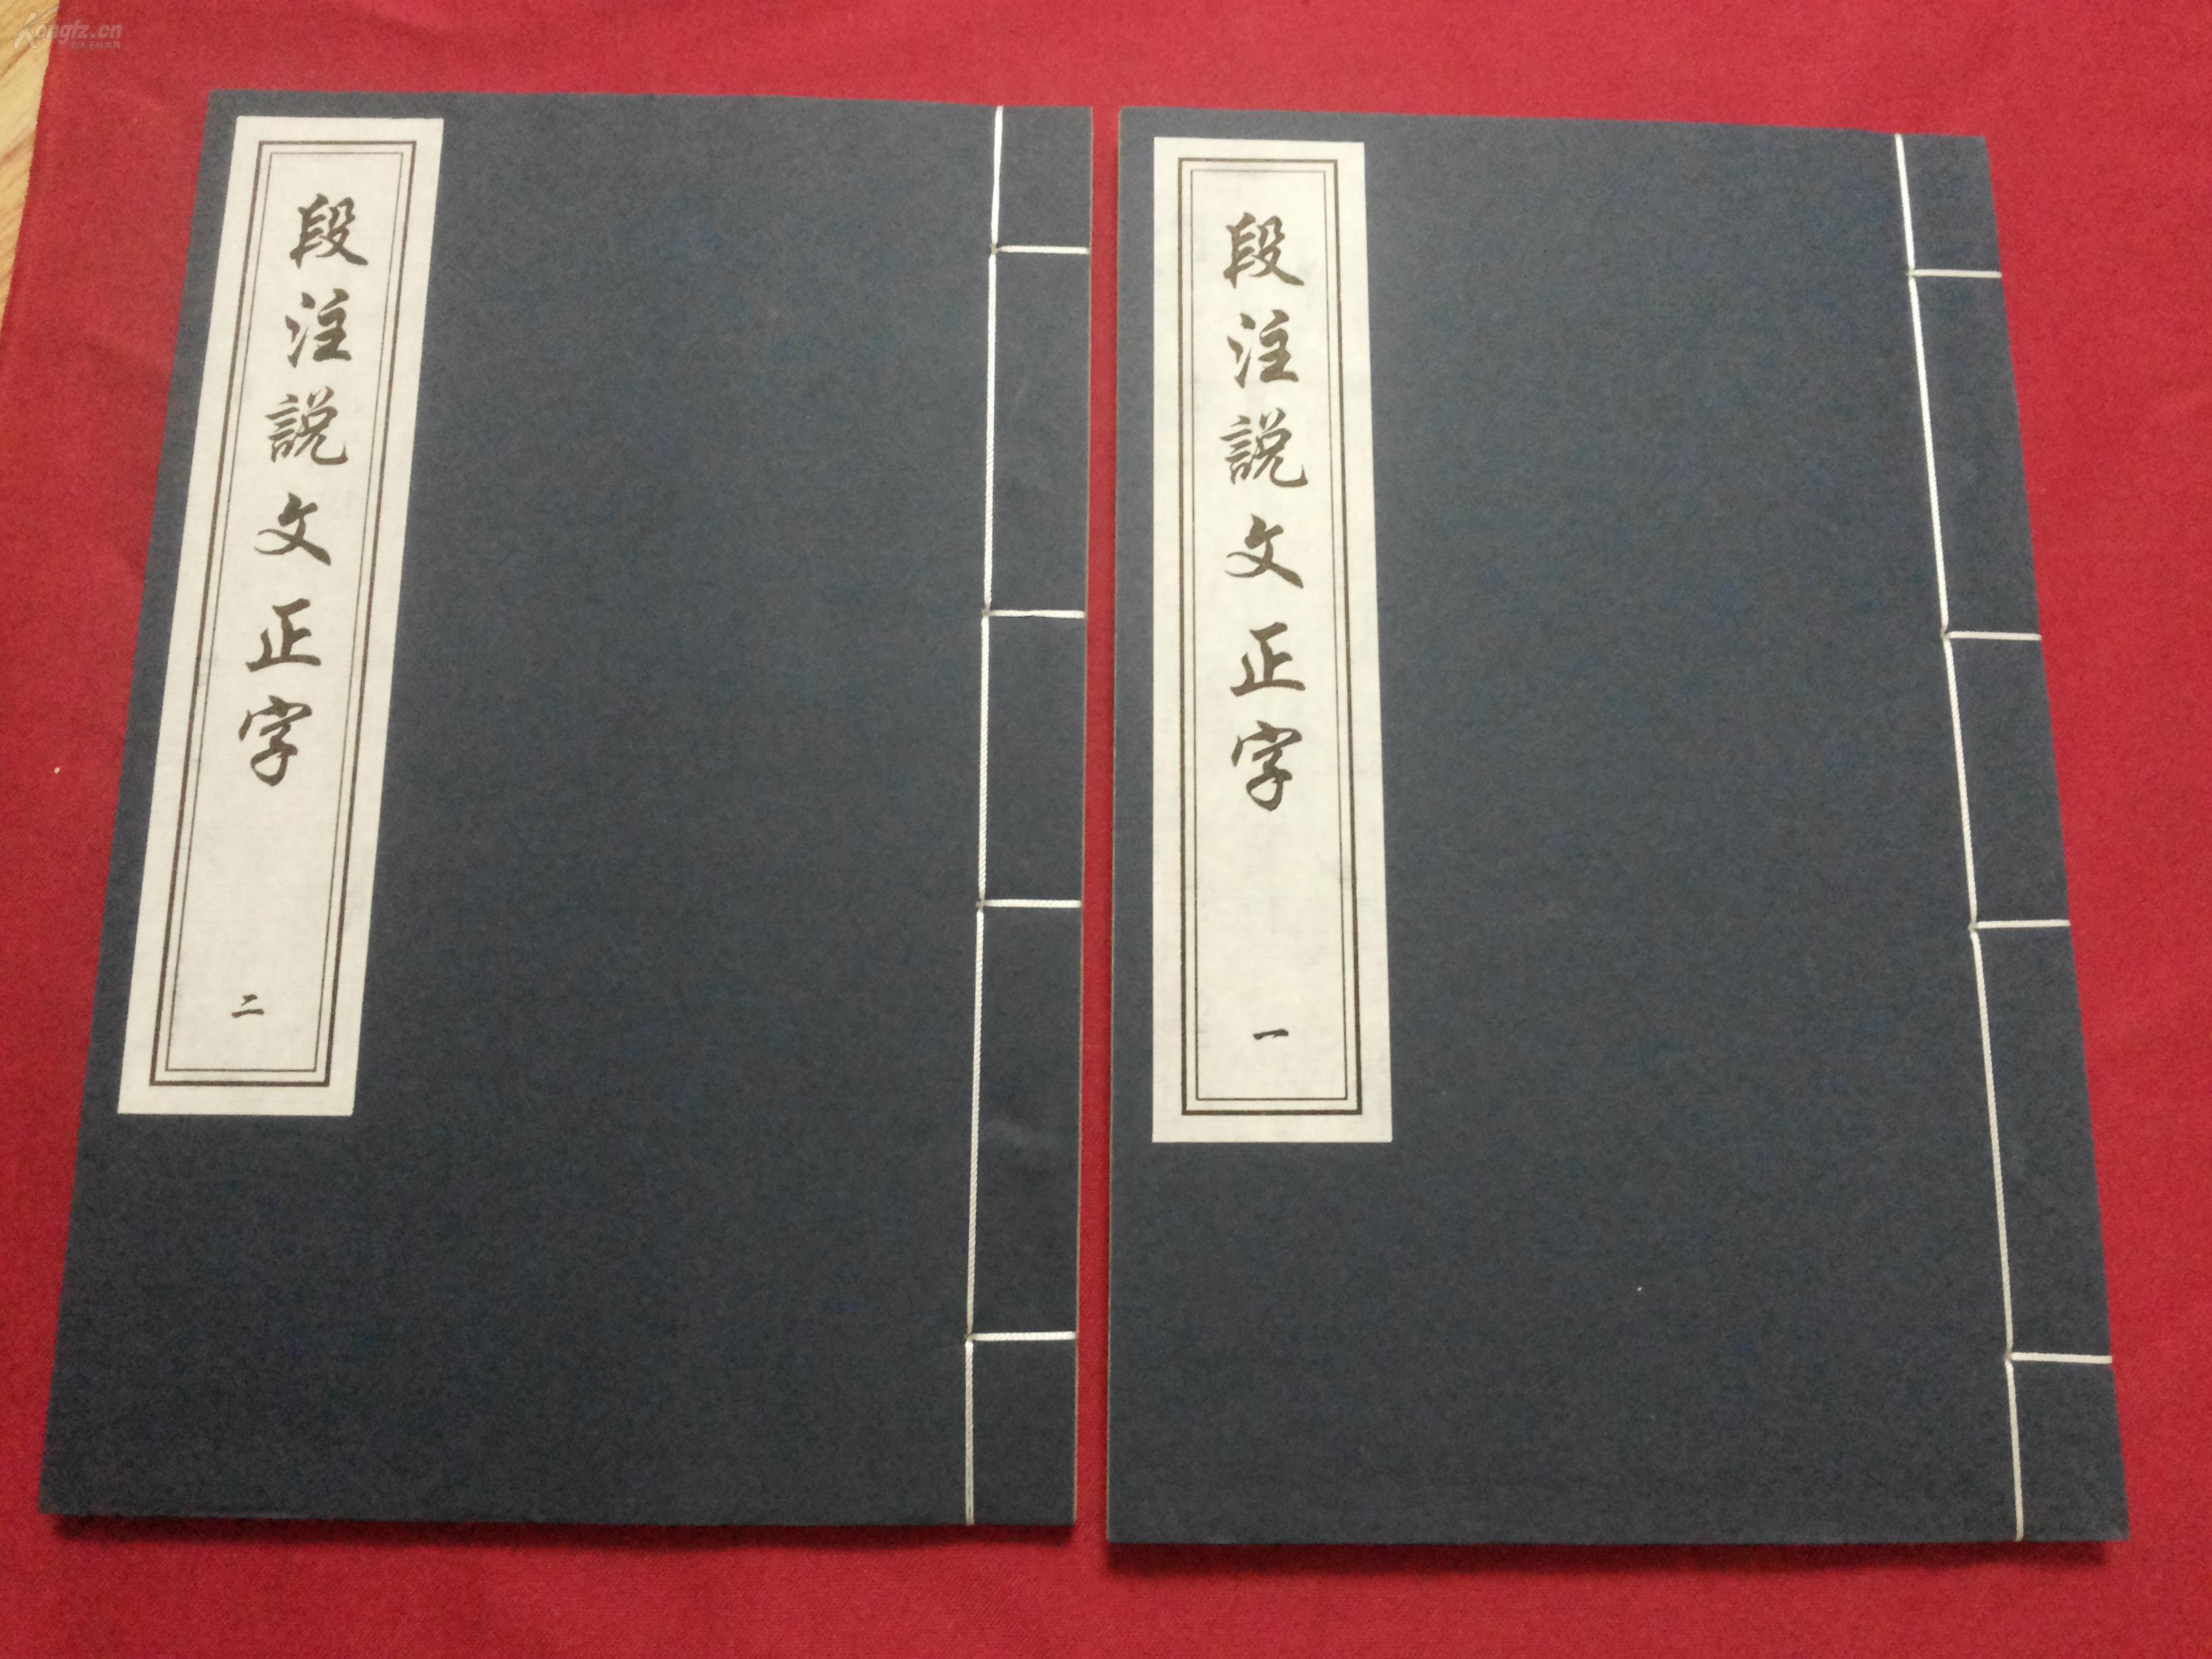 (全网唯一实拍保真)中国书店出版【段注说文解字】(16